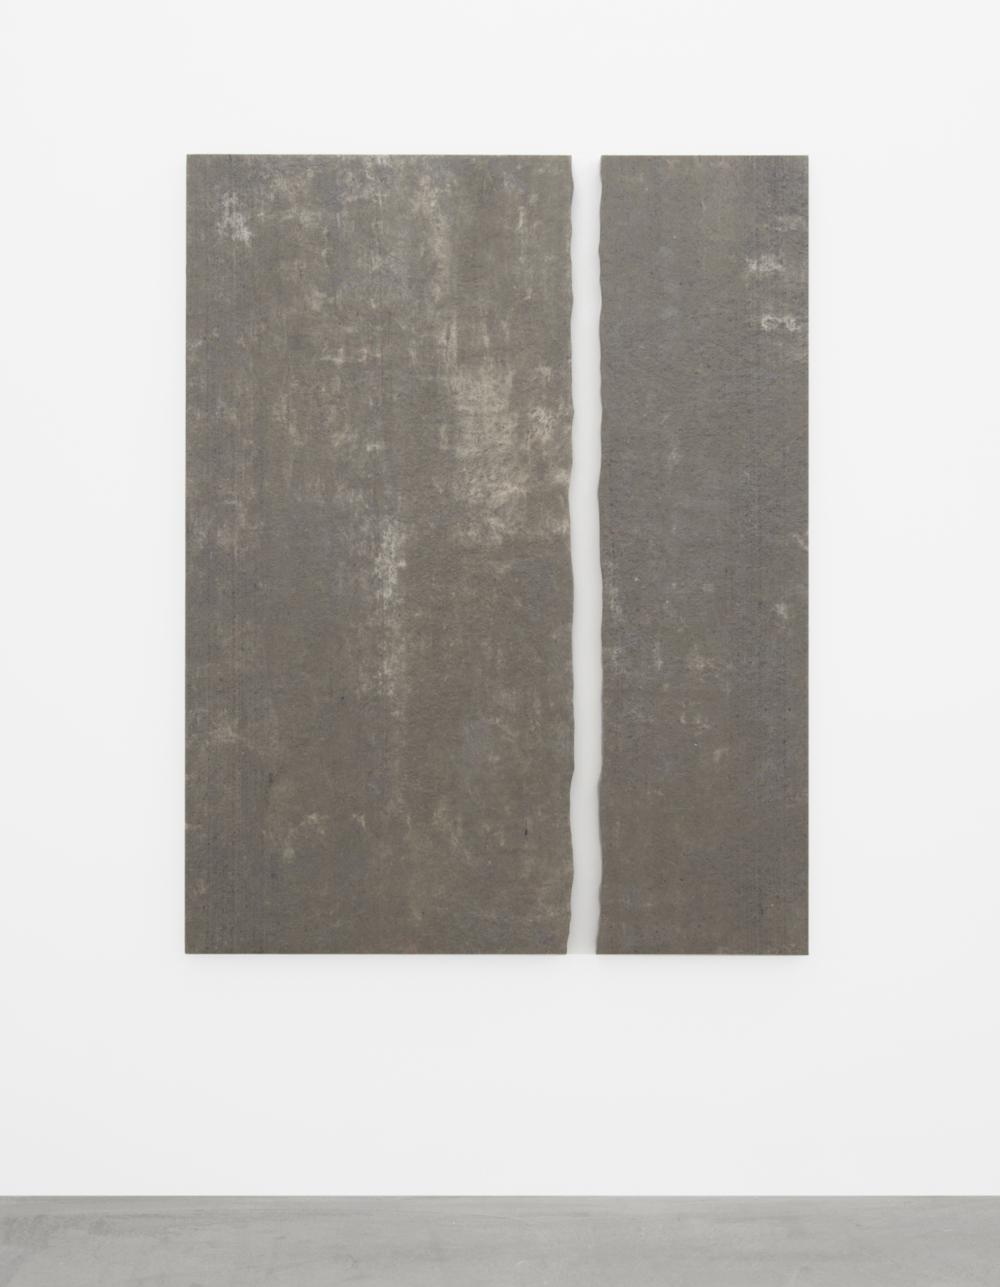 Mikkel Carl, Untitled, 2015